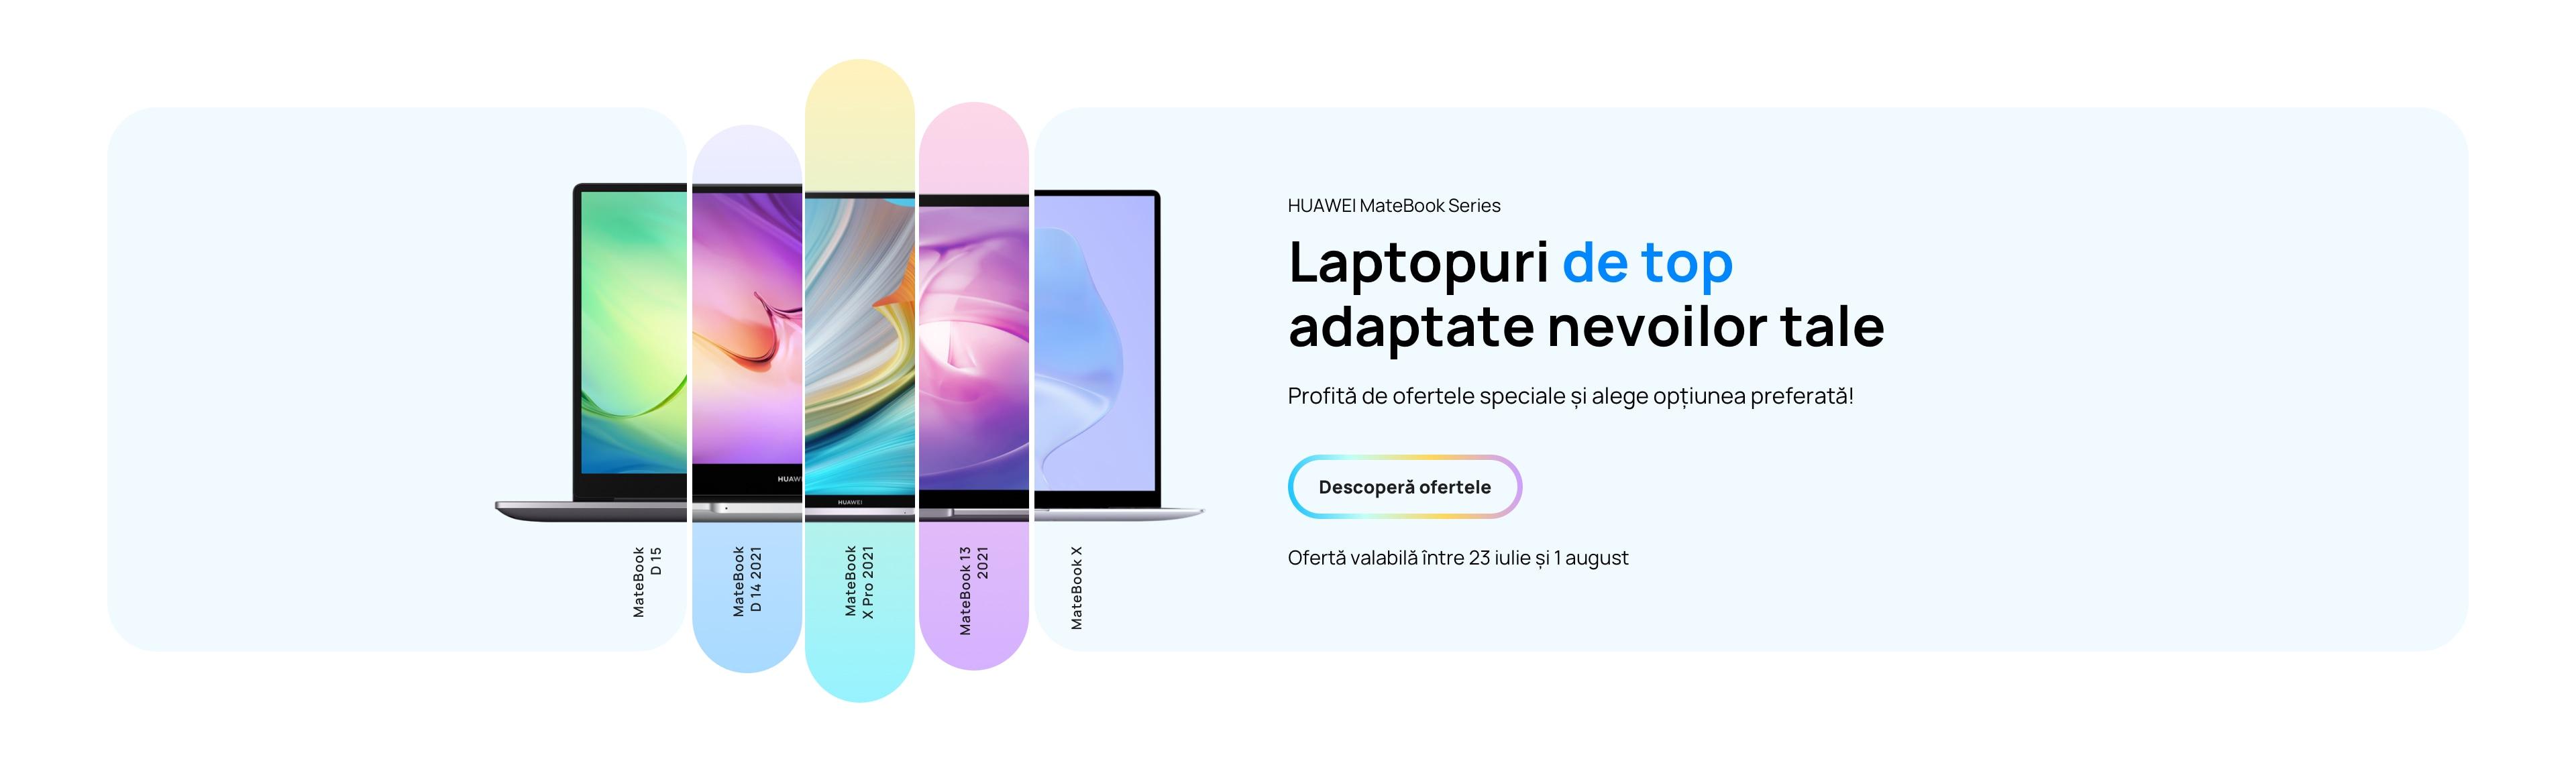 Huawei revine cu un nou val de reduceri pentru laptopurile de top